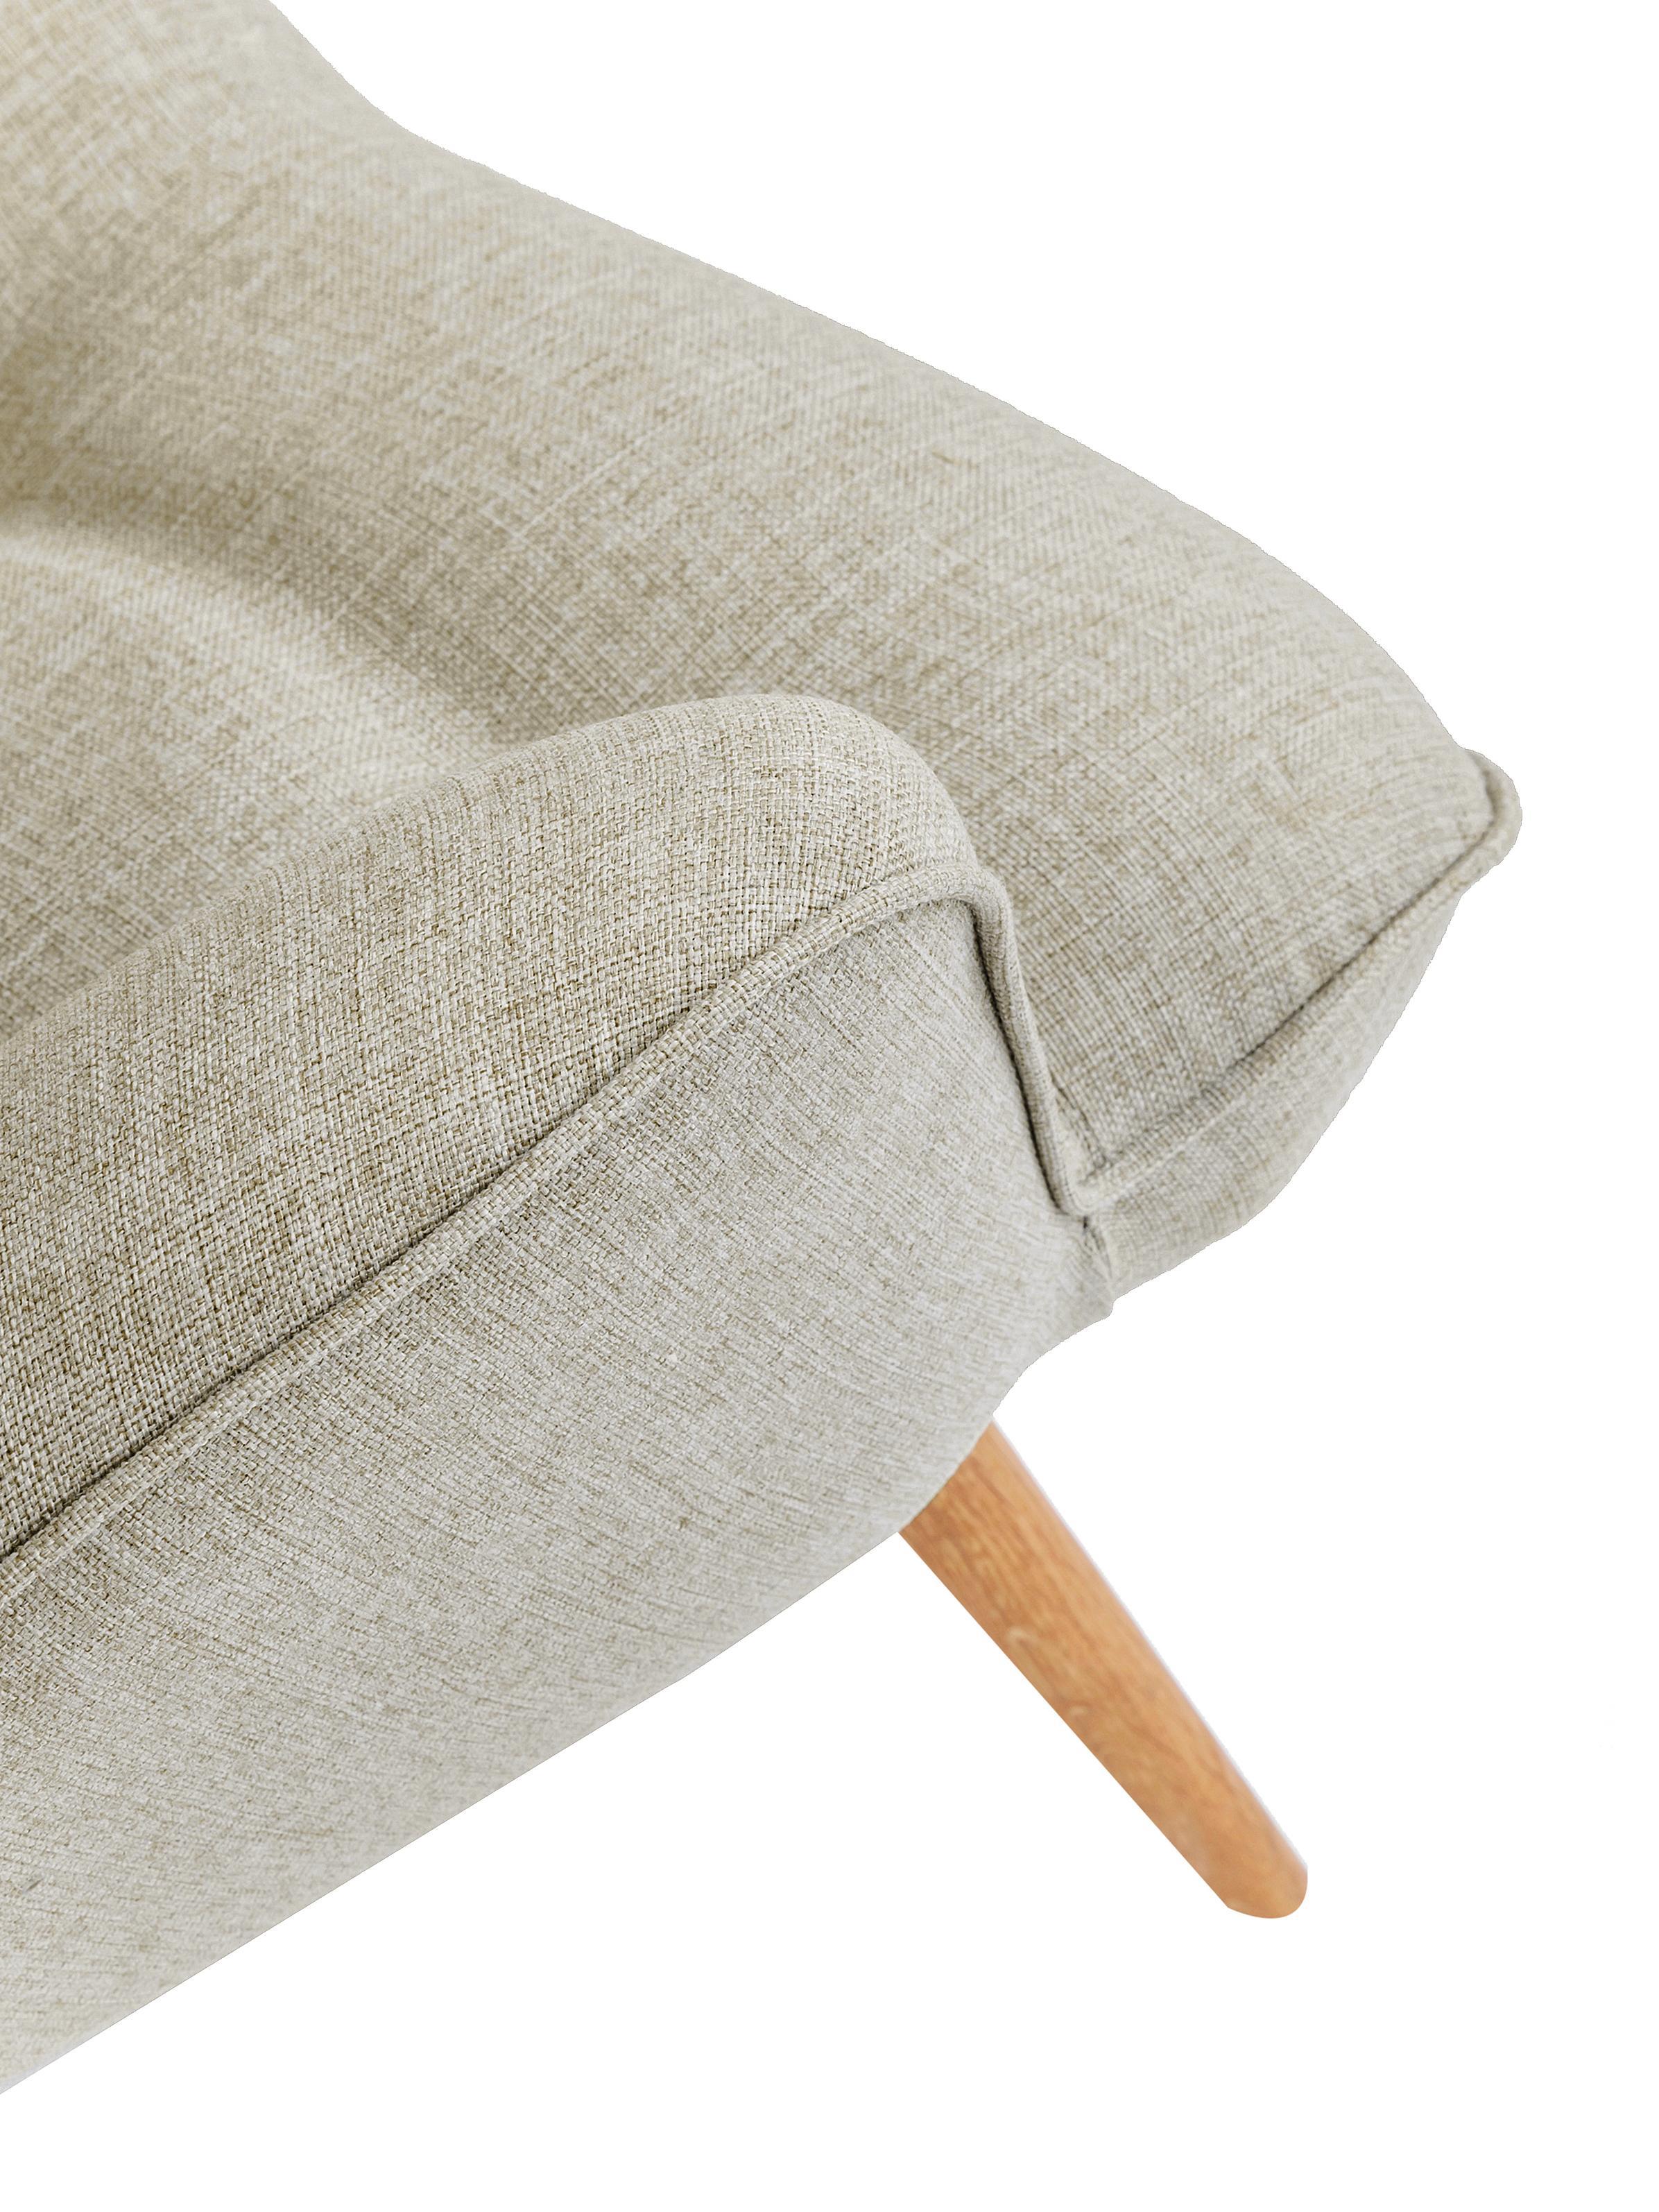 Poltrona ad ala crema Vicky, Rivestimento: poliestere 50.000 cicli d, Gambe: legno di quercia, massicc, Color crema tessuto intrecciato, Larg. 59 x Prof. 63 cm